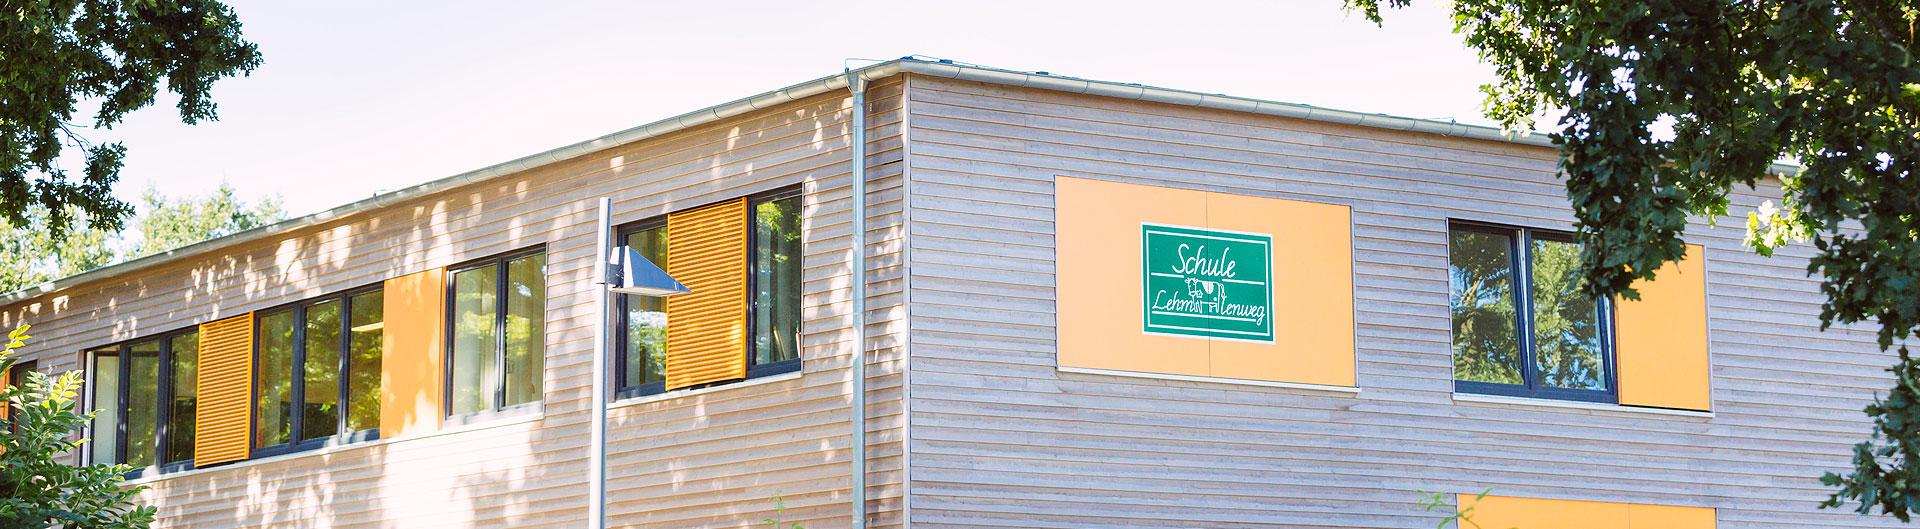 Ansicht des neuen Schulgebäudes